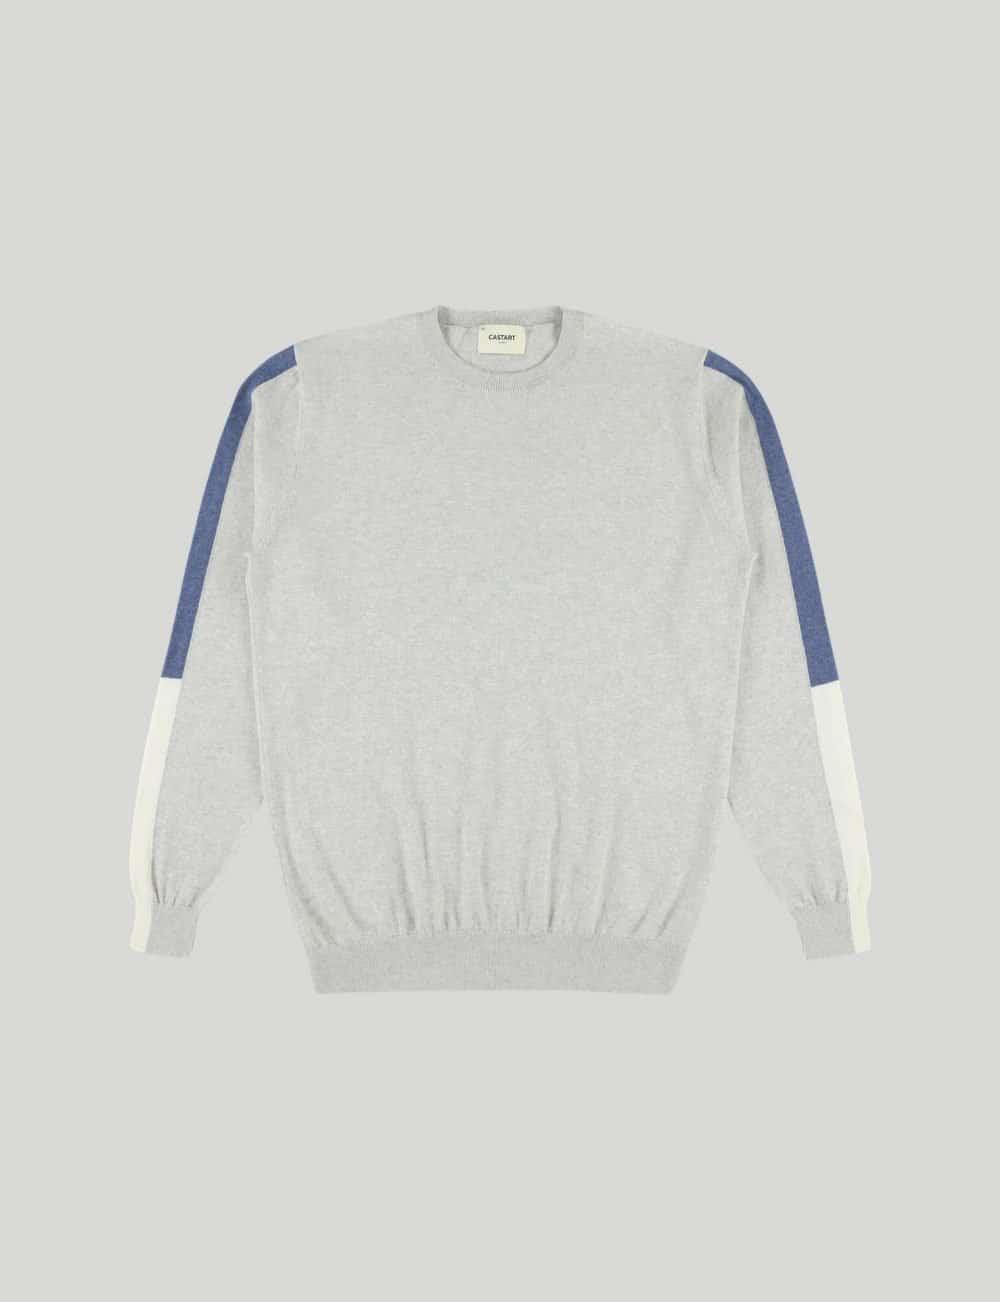 Castart - Kubin Knitwear - Grey